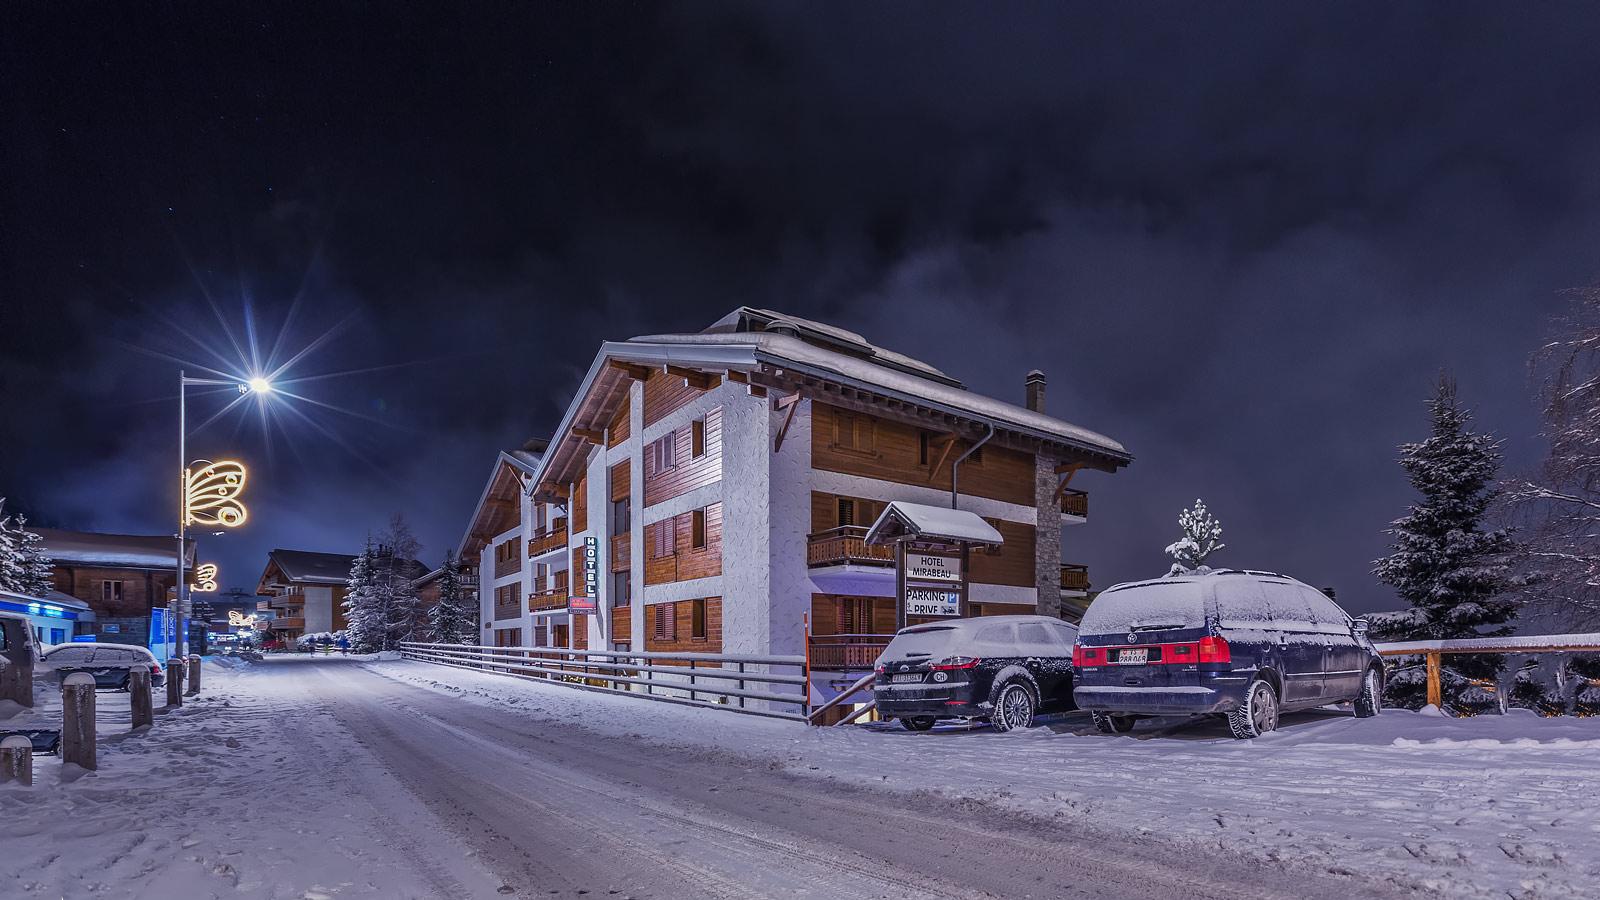 l'Hôtel Mirabeau Verbier Switzerland